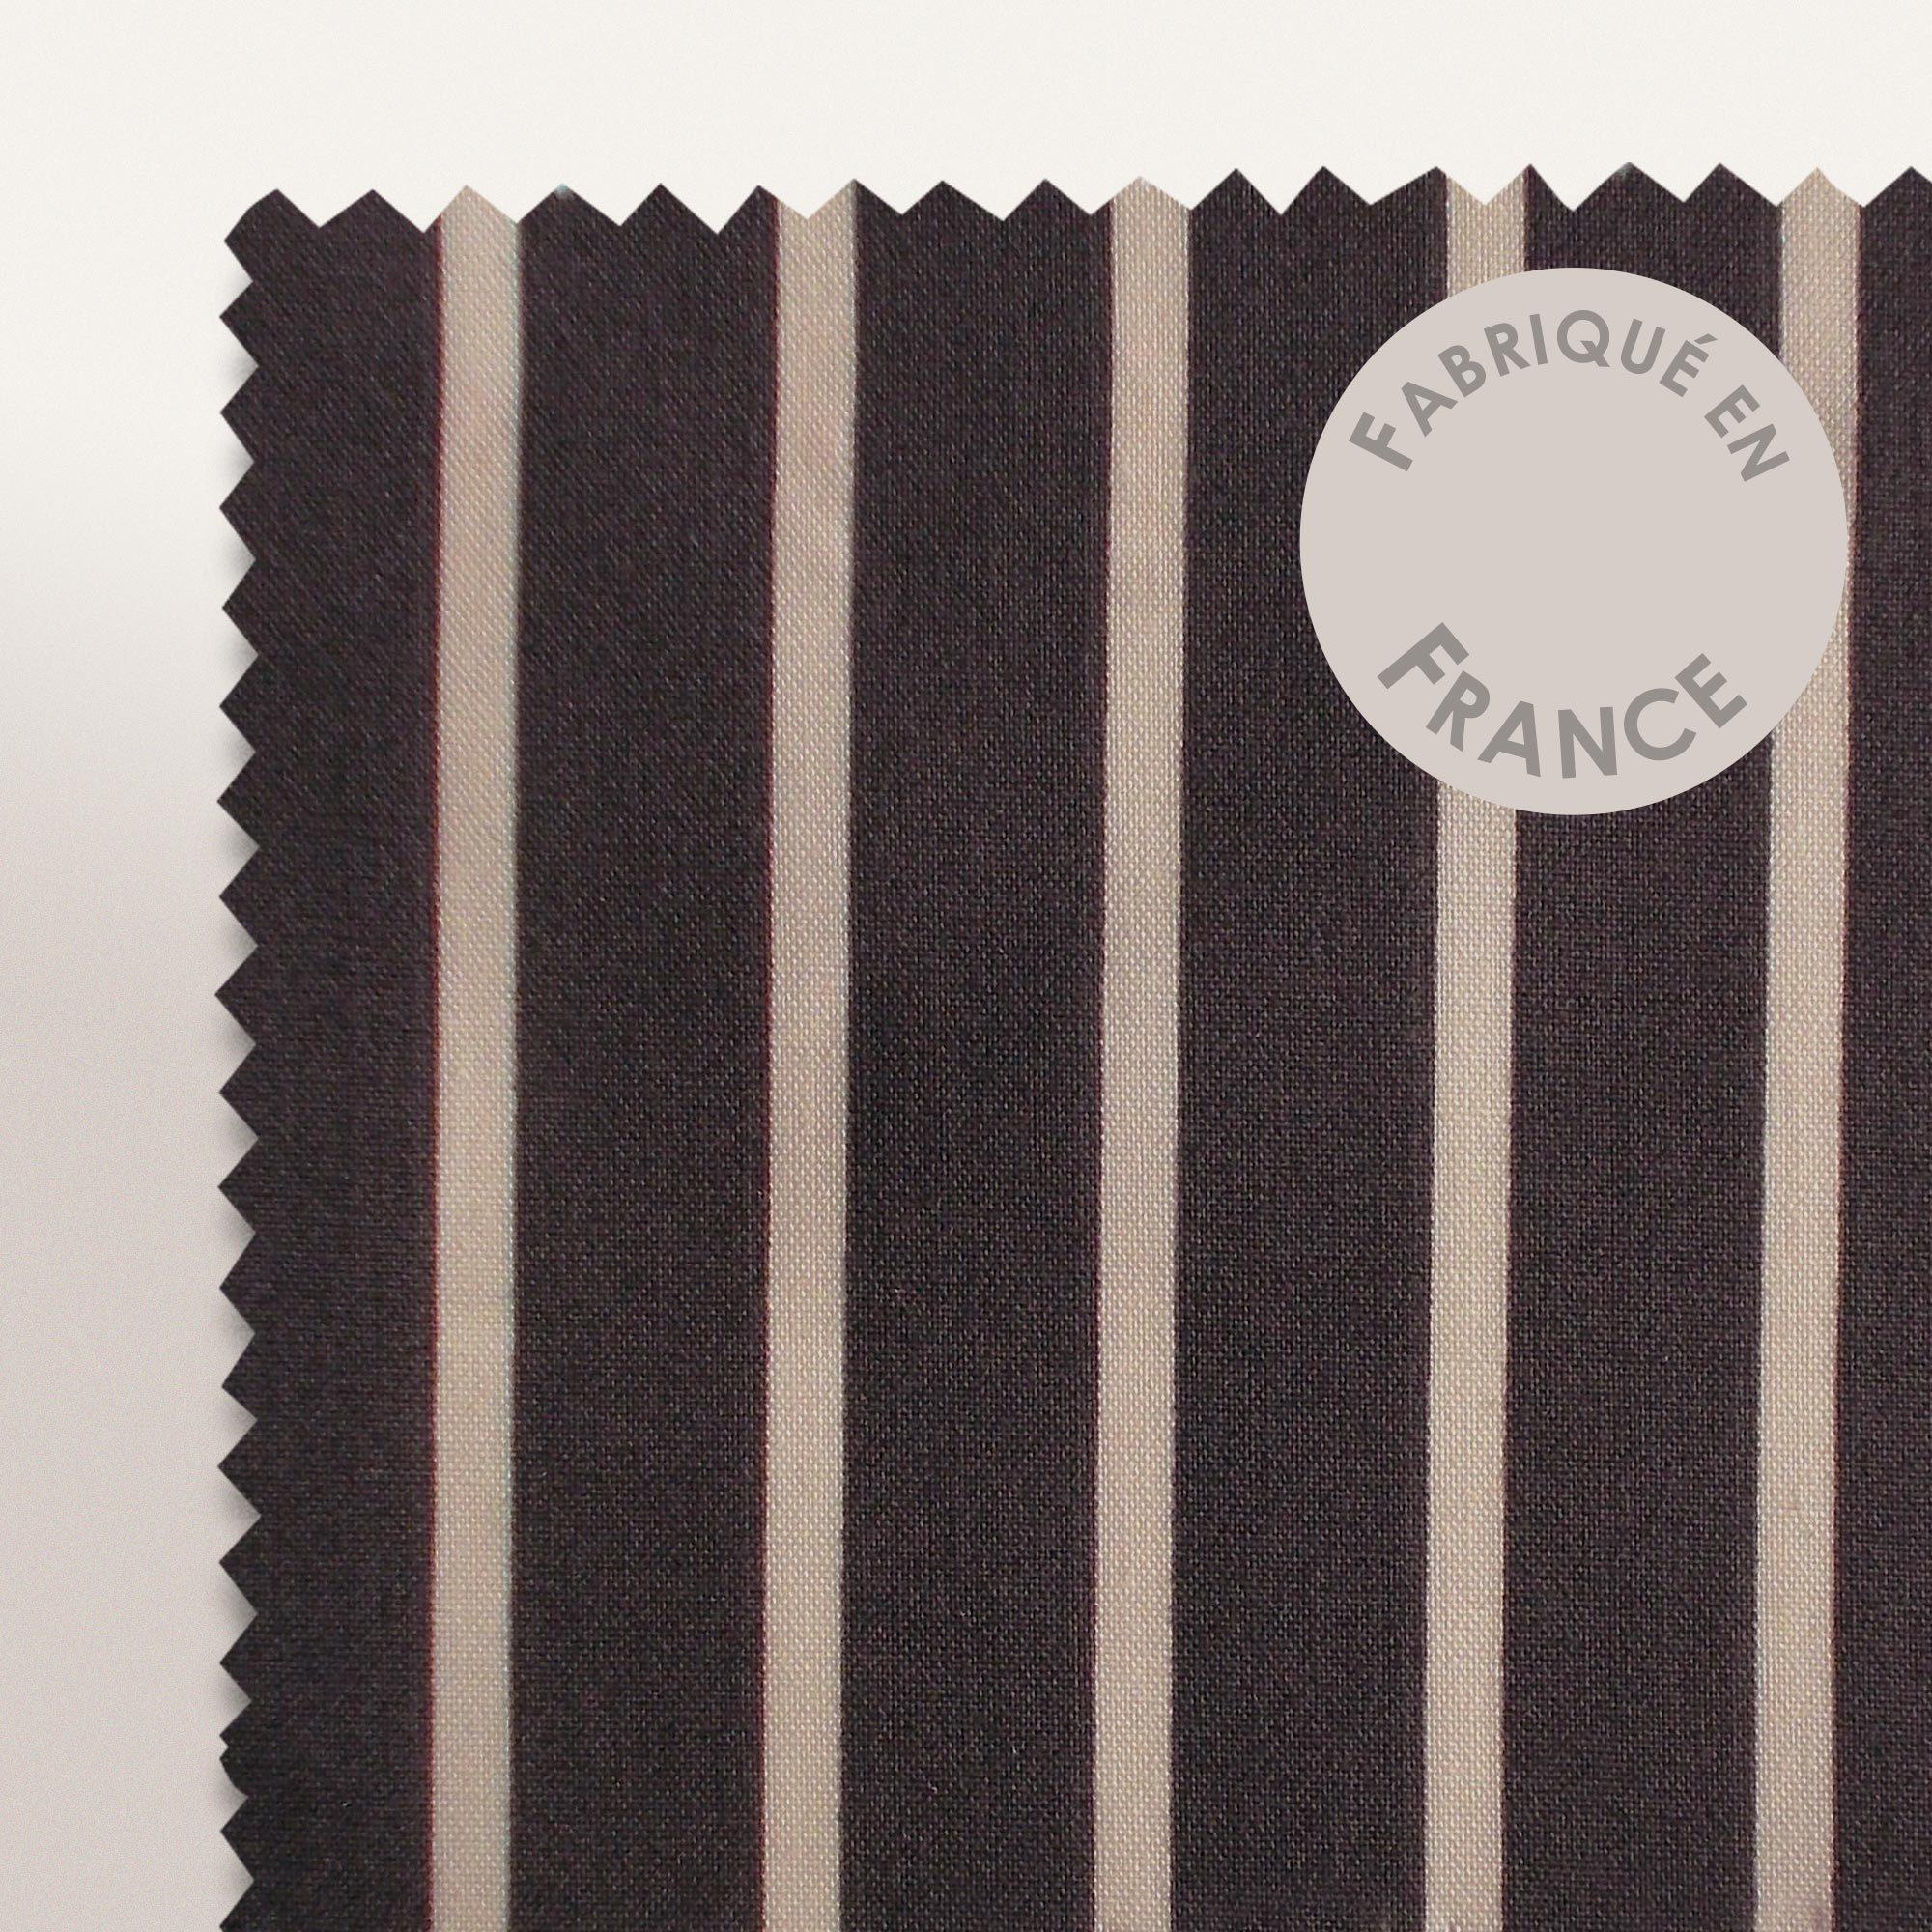 parure de lit 140x200 percale pur coton stripe camelia eur 62 05 picclick fr. Black Bedroom Furniture Sets. Home Design Ideas